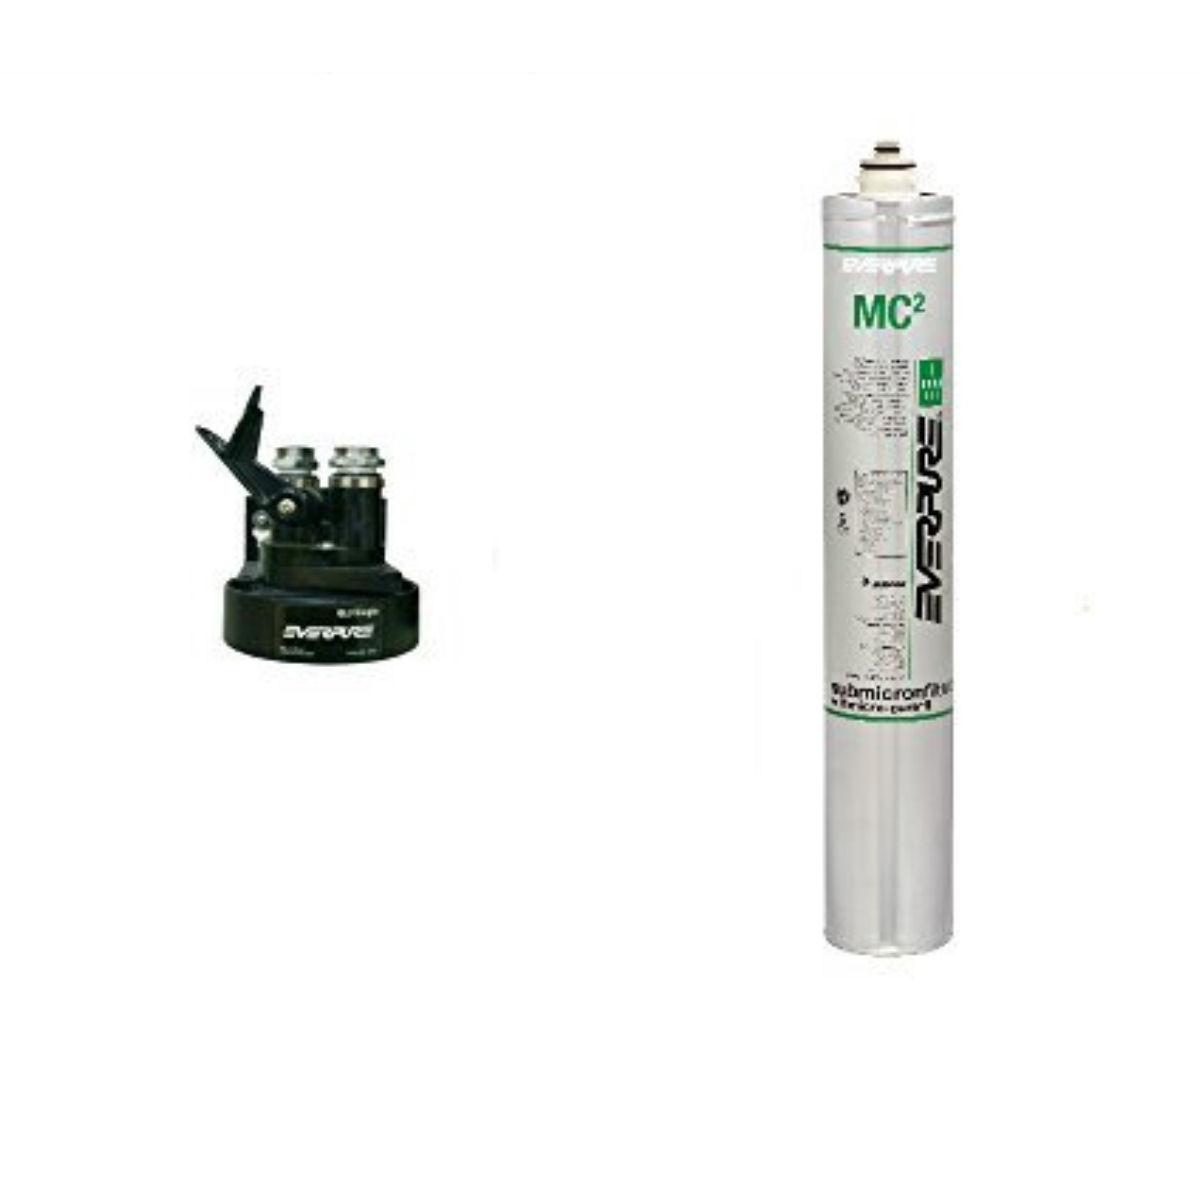 新規設置仕様 エバーピュア浄水器ヘッドフィルタセット品 QL3-7MC2